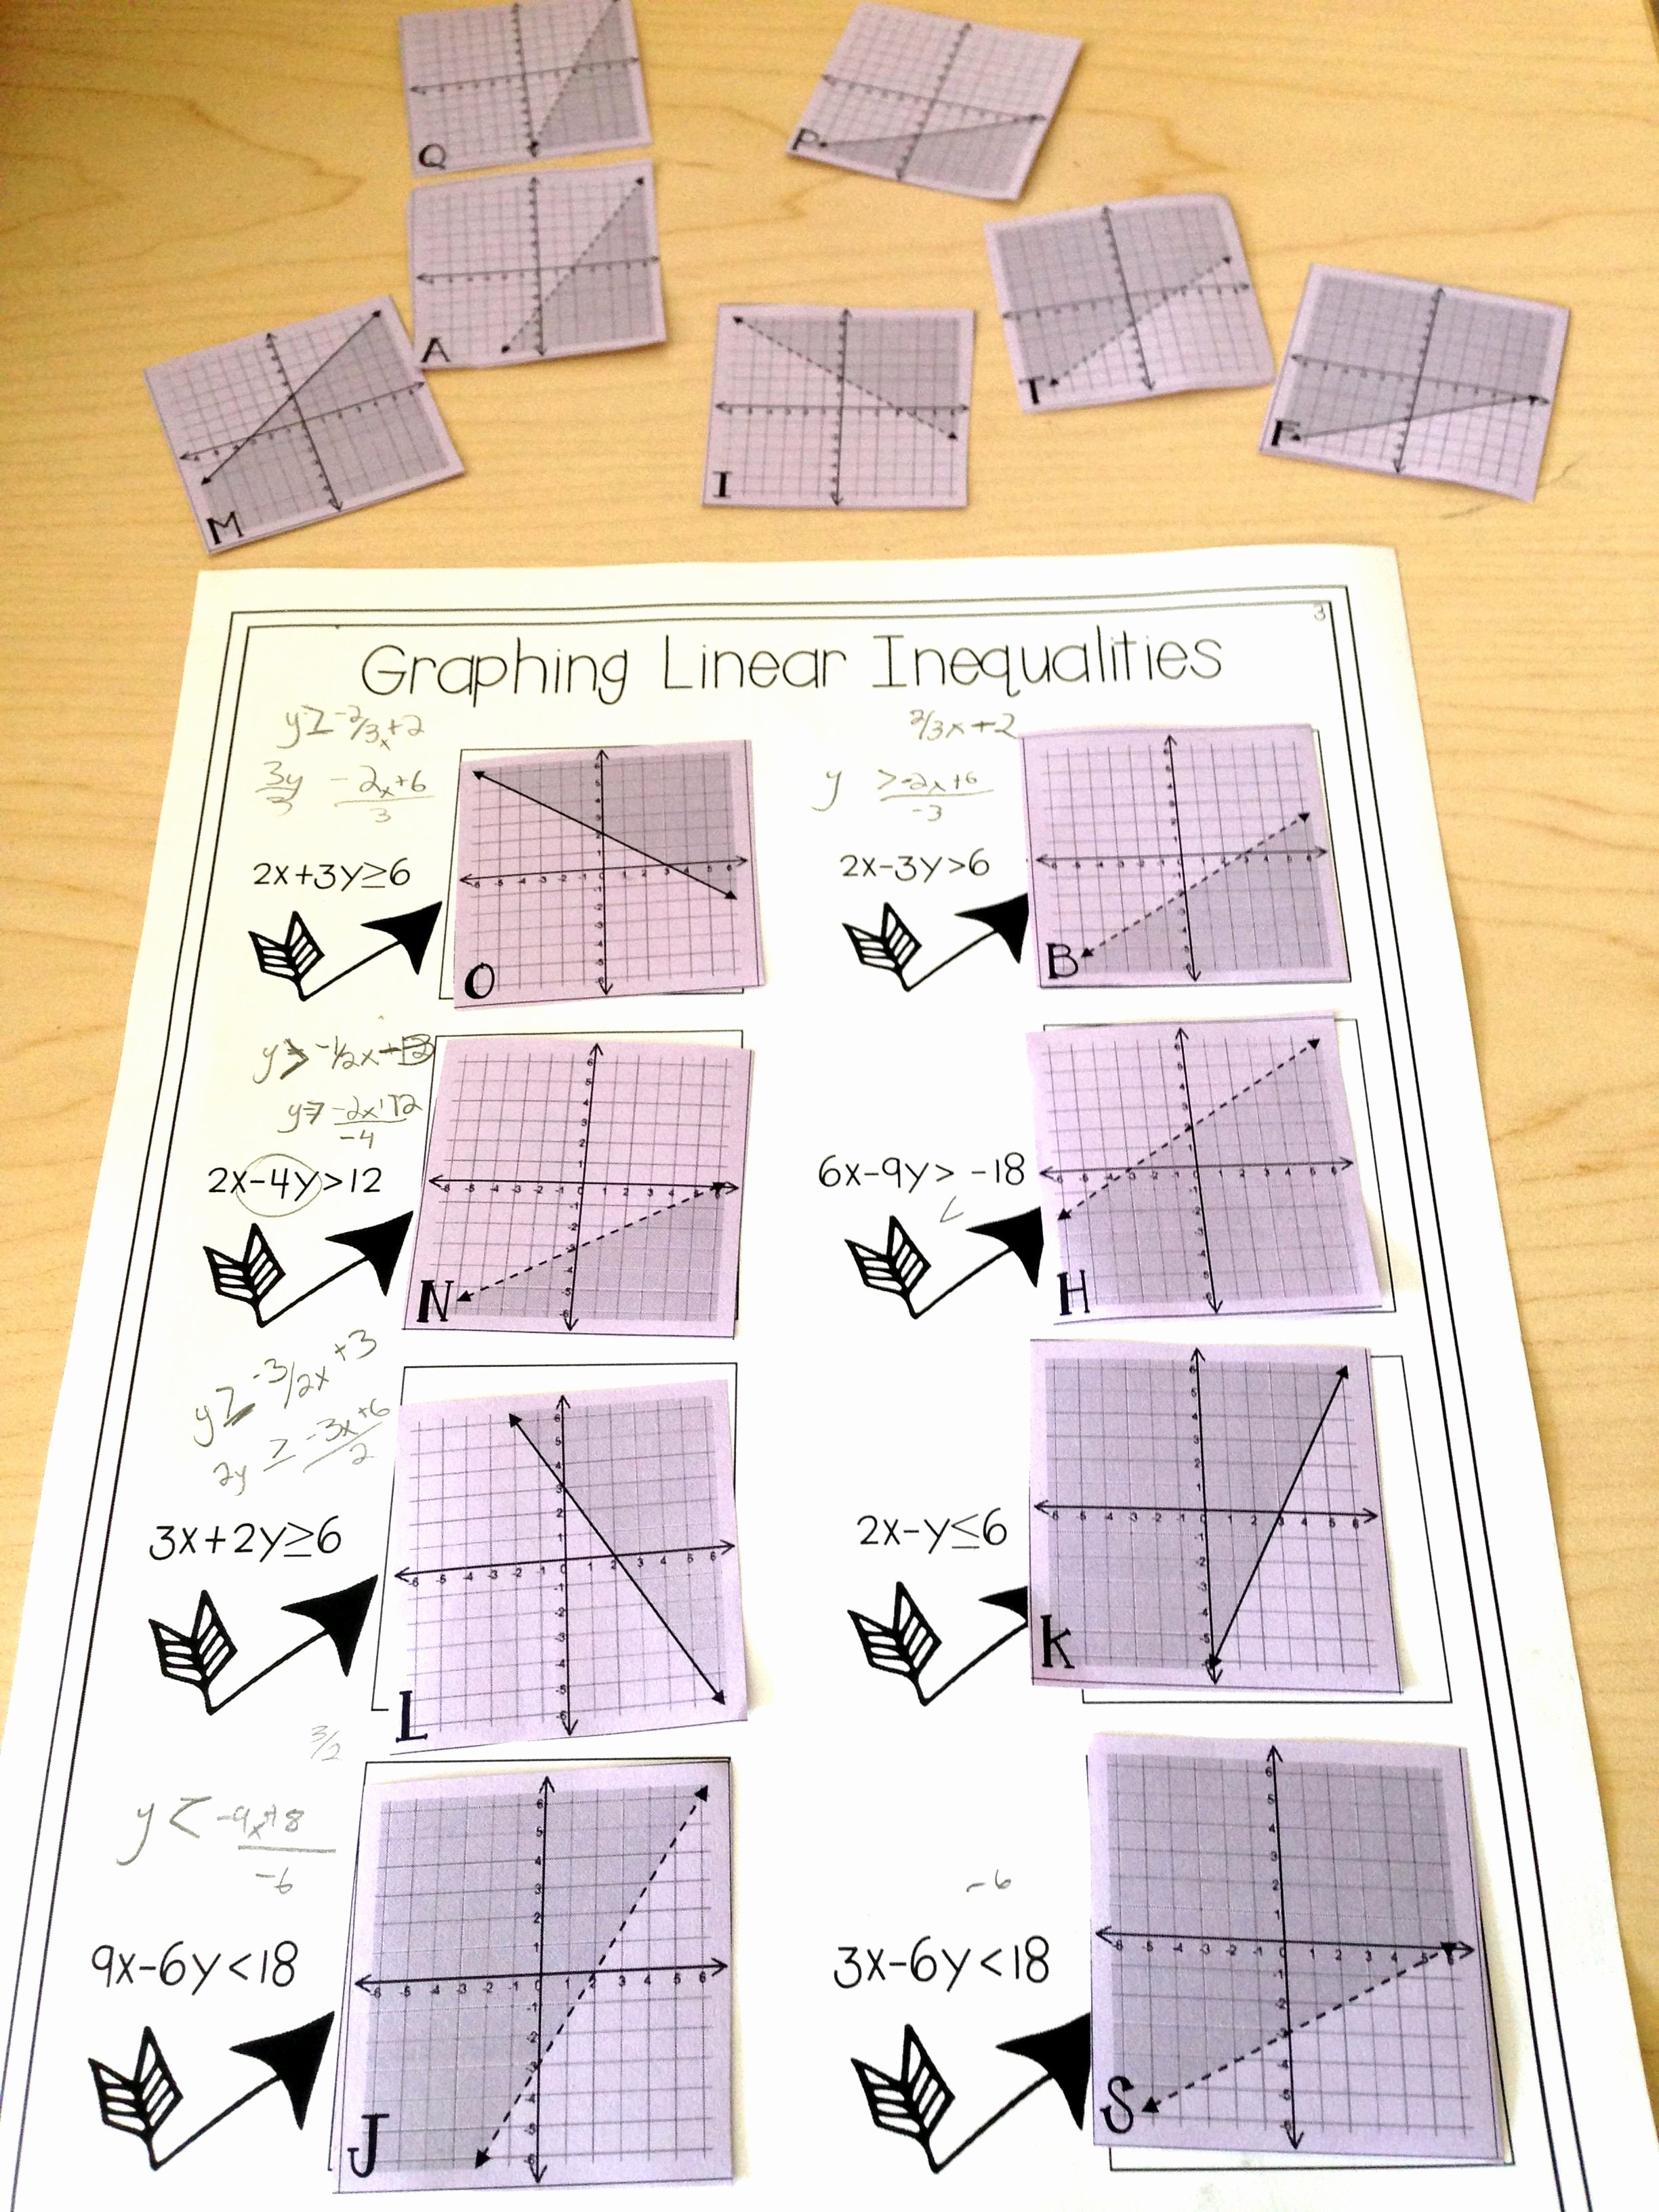 Graphing Linear Inequalities Worksheet Luxury Graphing Linear Inequalities Card Match Activity